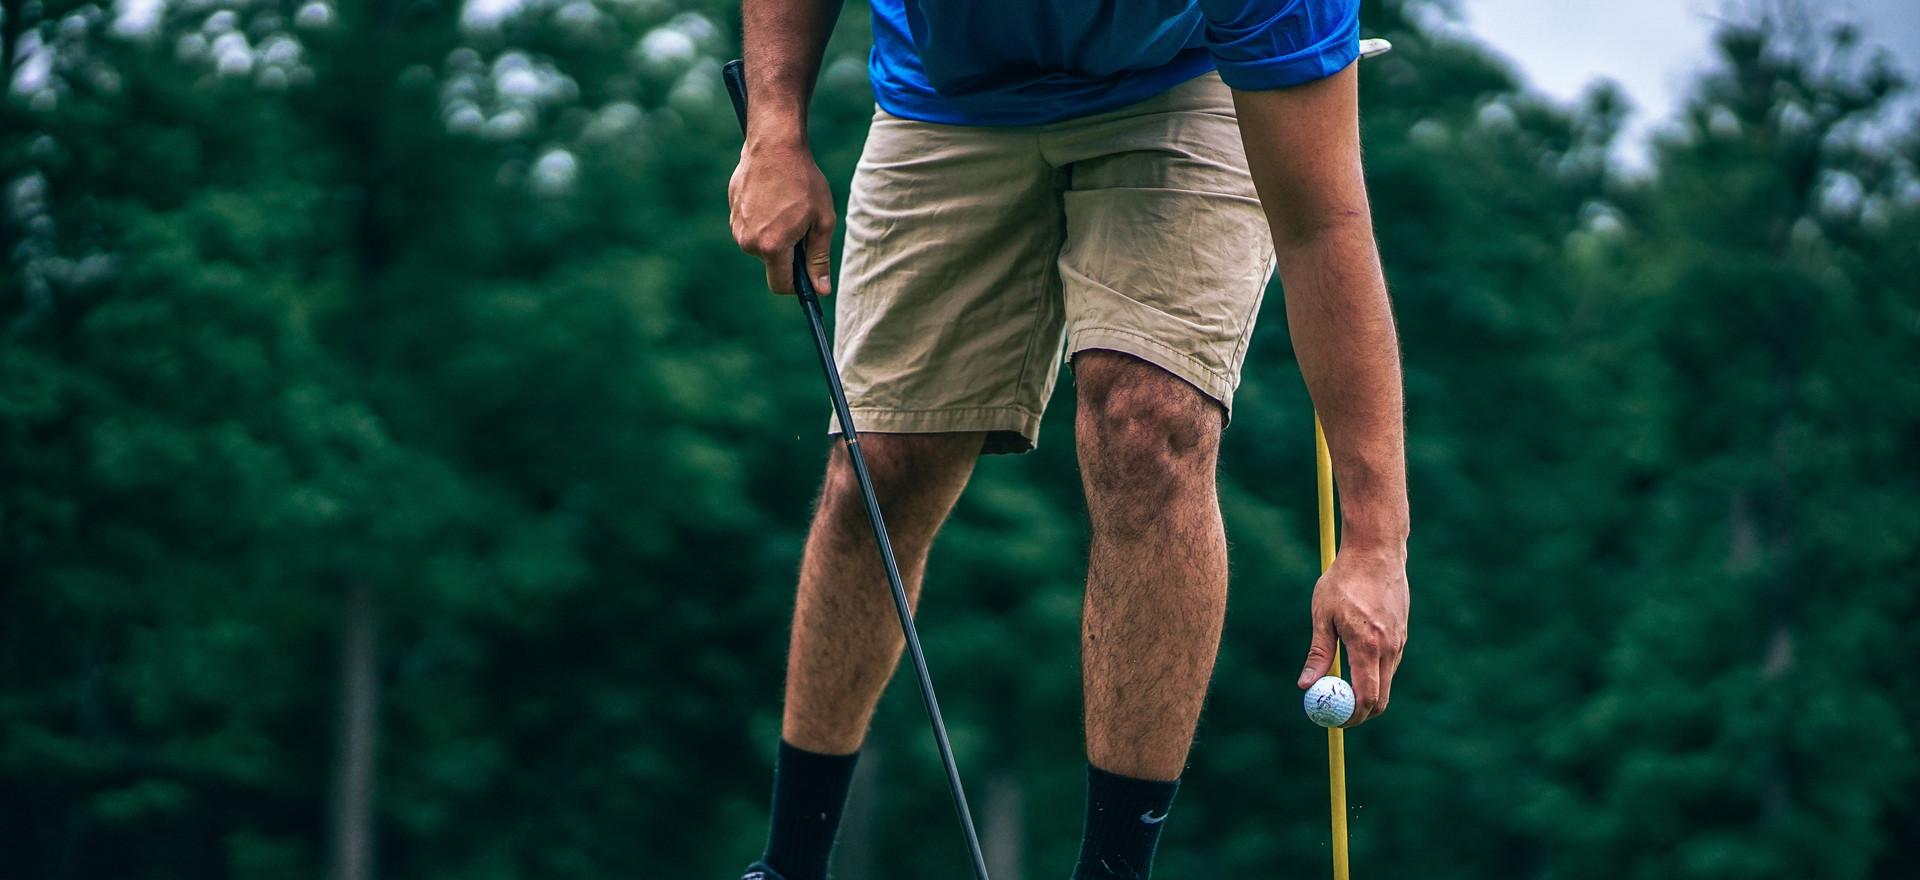 golf-golf-ball-golf-course-424741.jpg